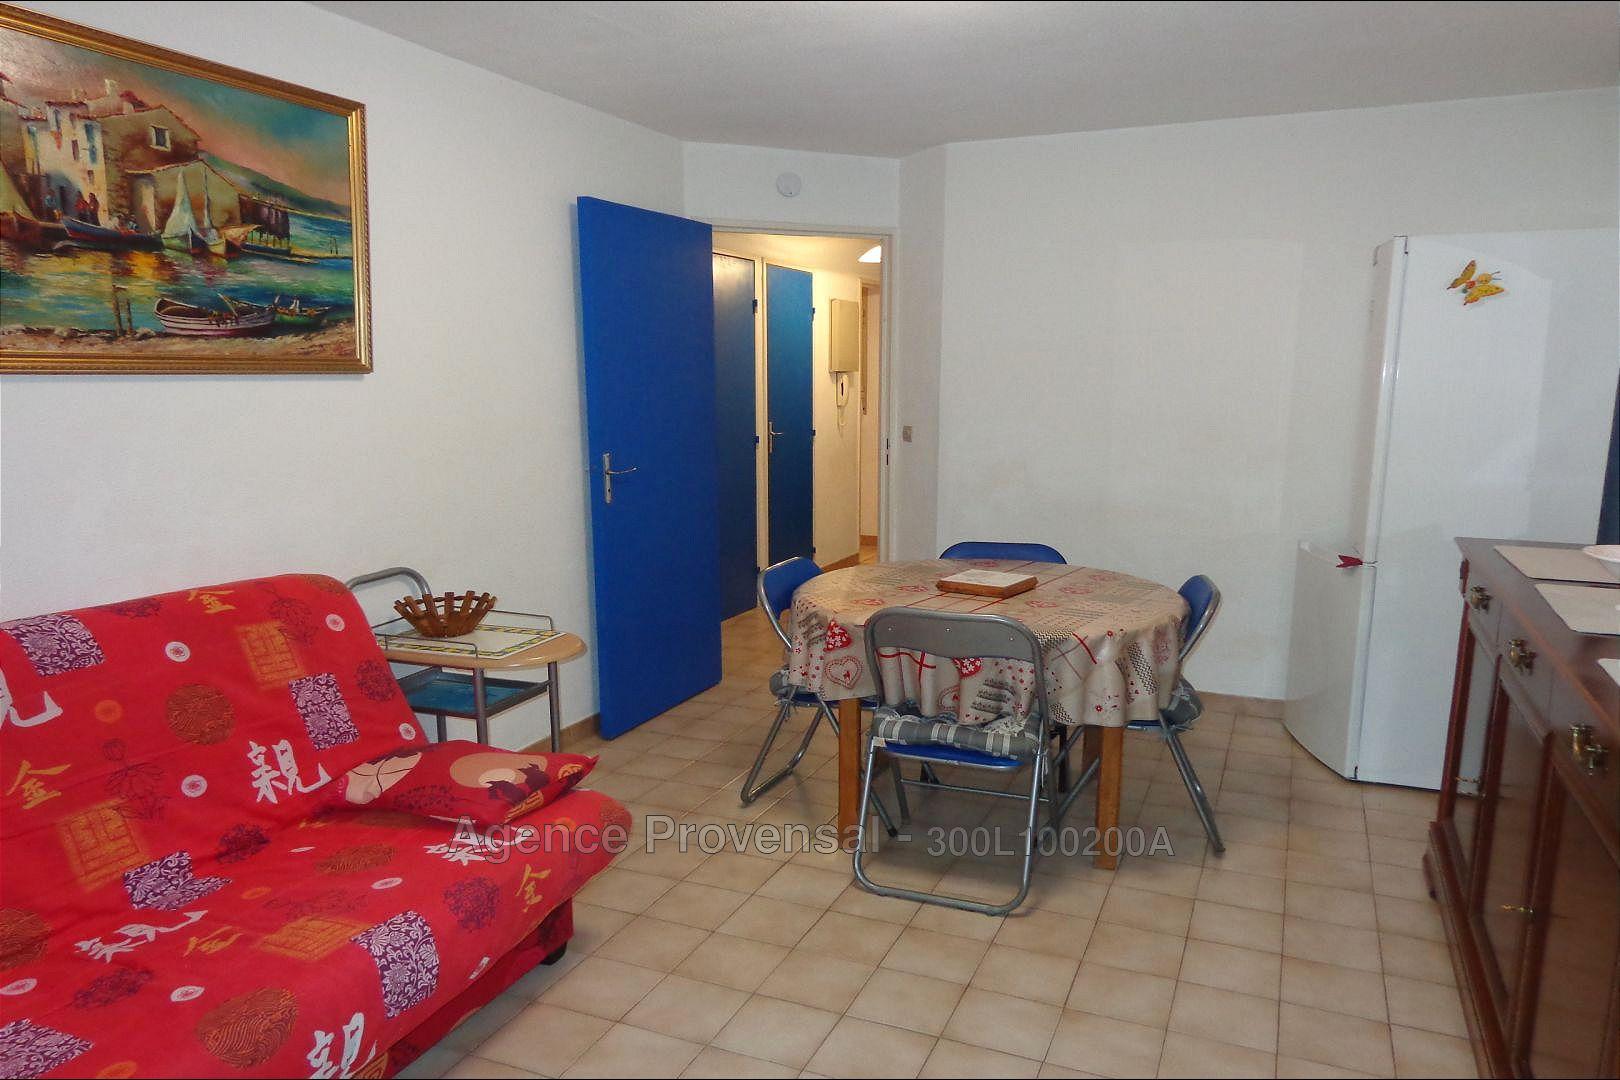 Appartement t2 avec garage a louer a l 39 annee dans for Appartement garage